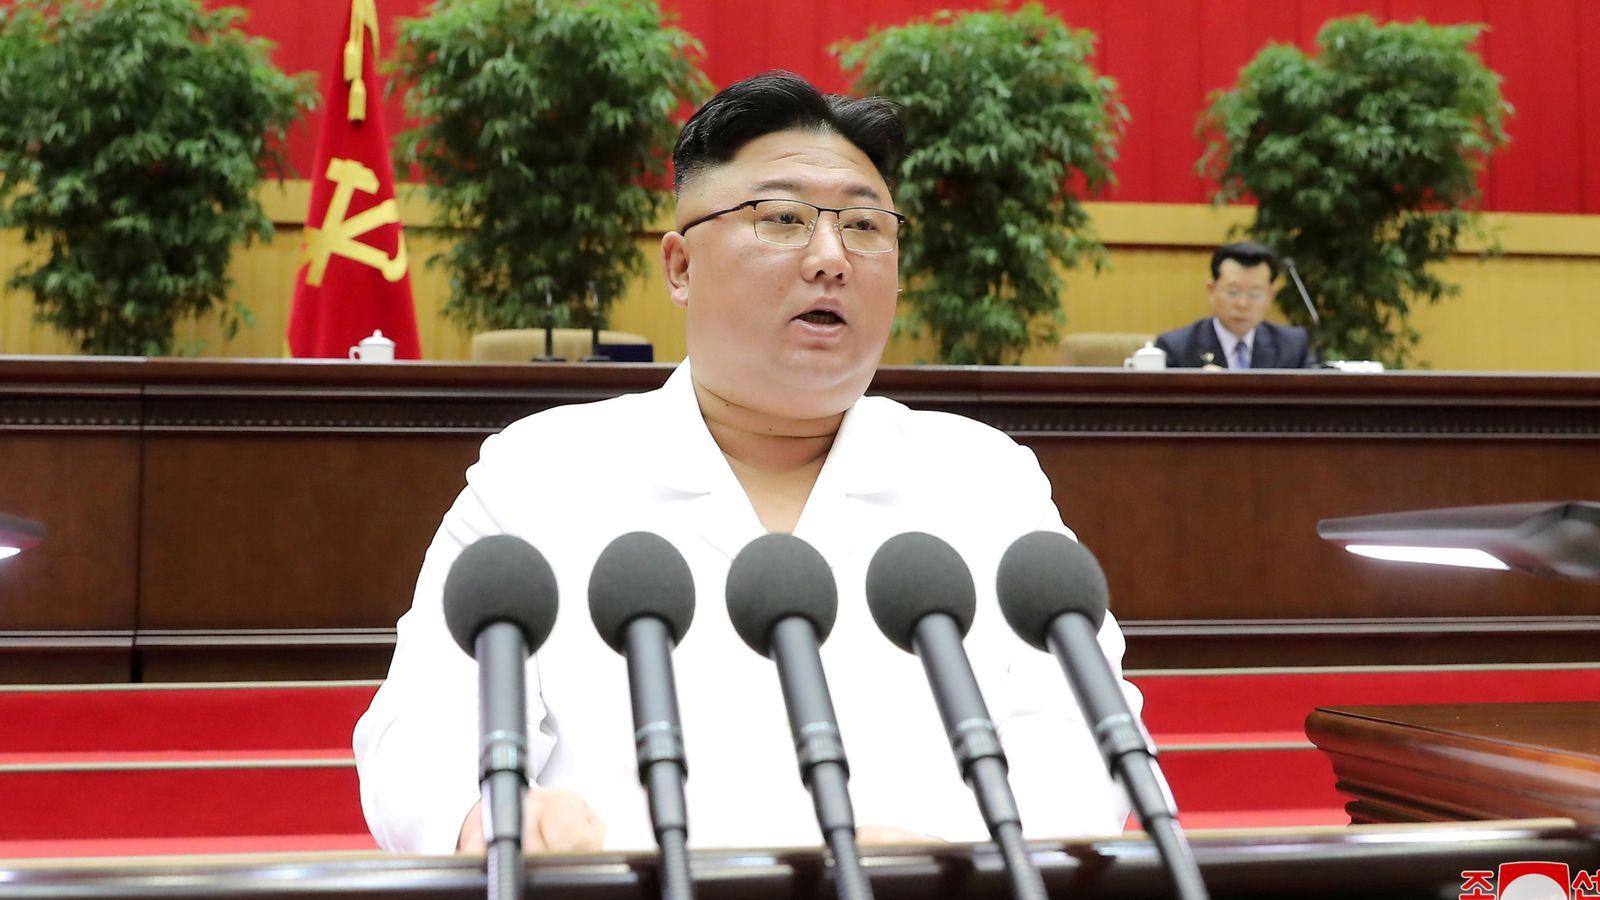 Kuzey Kore lideri Kim Jong-un'dan bir skandal daha: Uzaktan eğitimde başarısız olan Milli Eğitim Bakanını idam etti!